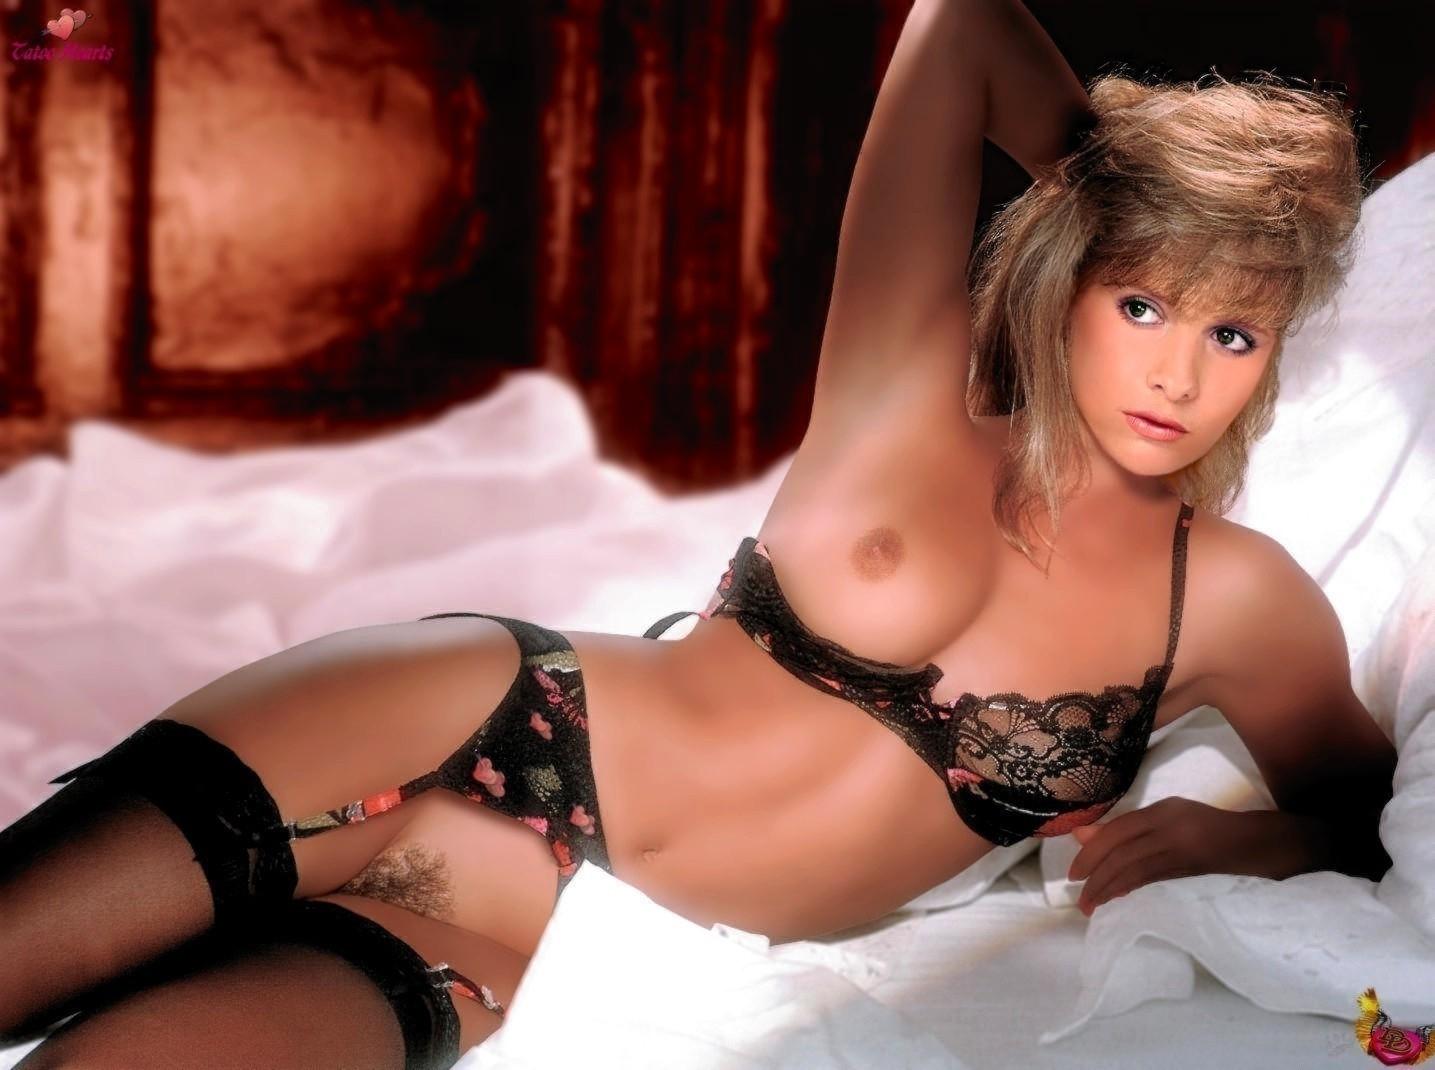 Сексуальные девушки 90, Девушки с фигурой - бесплатное порно онлайн 9 фотография